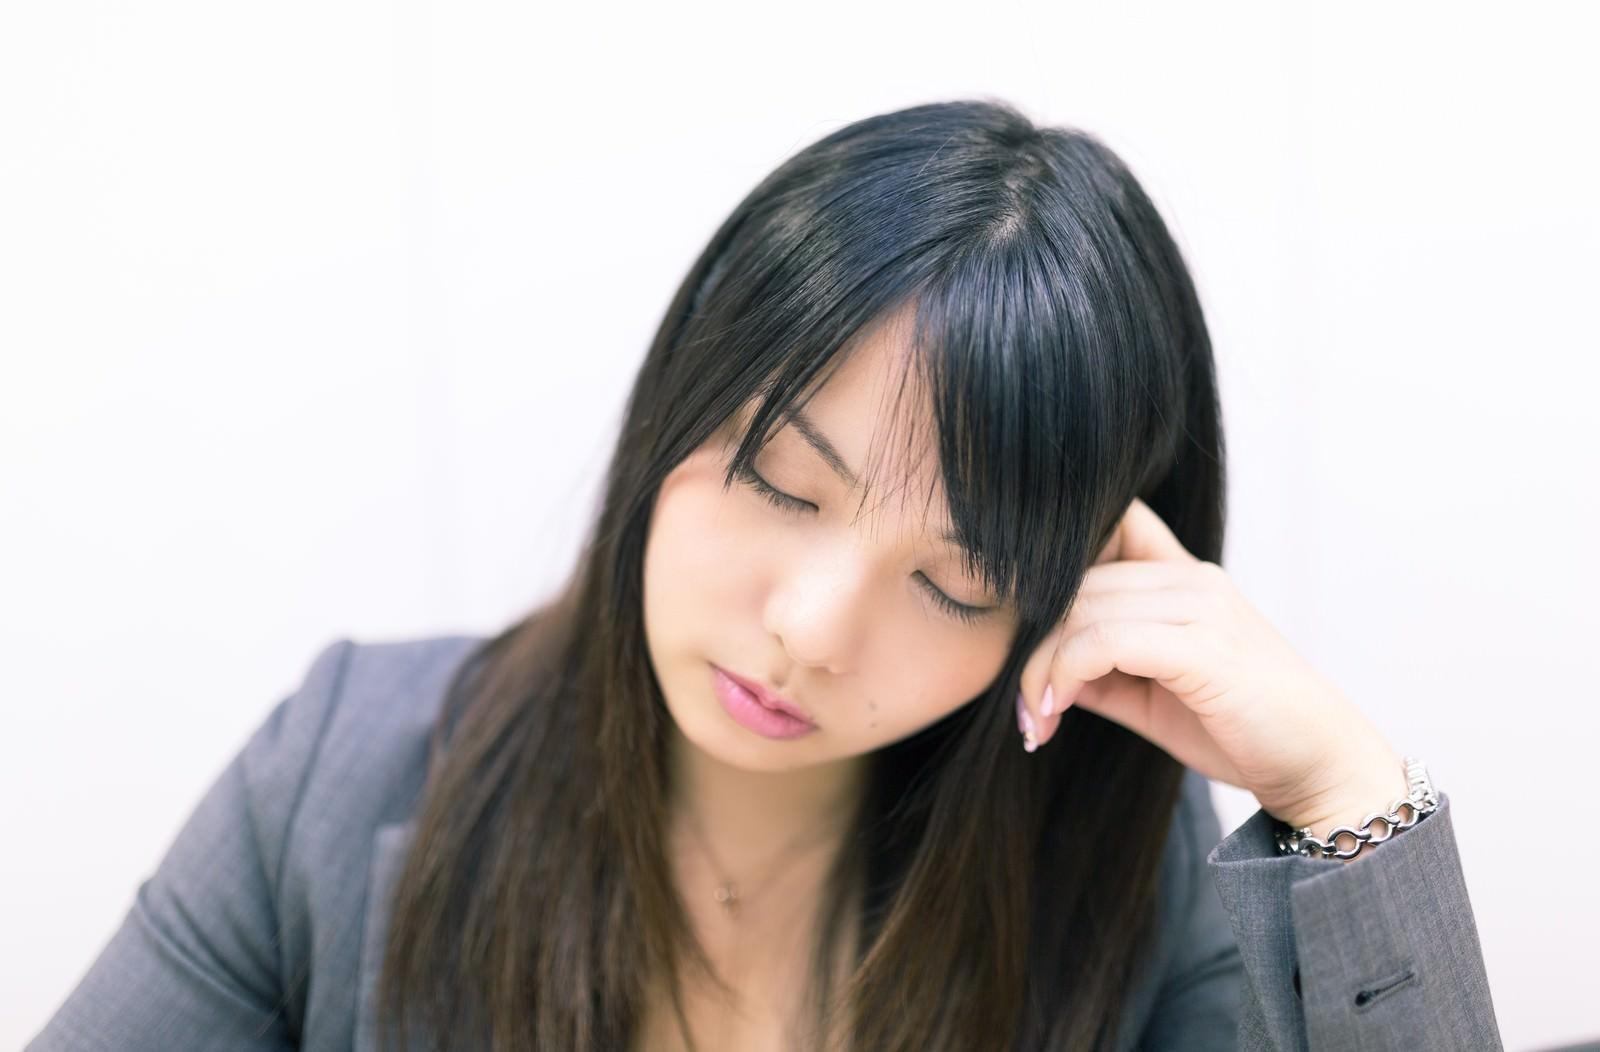 「考えこむフリをして会議中堂々と居眠りをする女性社員考えこむフリをして会議中堂々と居眠りをする女性社員」[モデル:Lala]のフリー写真素材を拡大